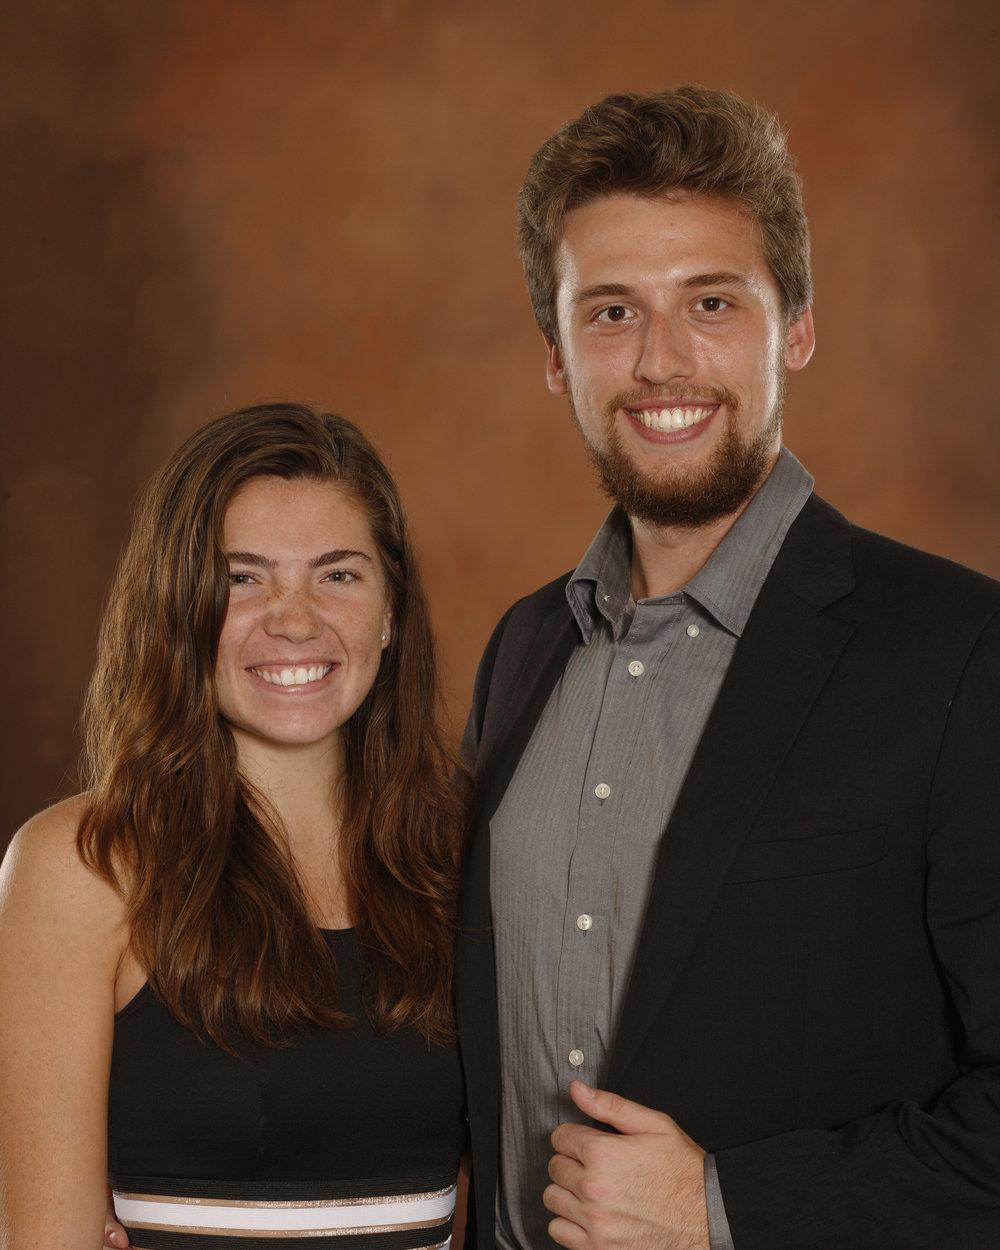 Melanie Mrozek & Brendan Wilk.jpg